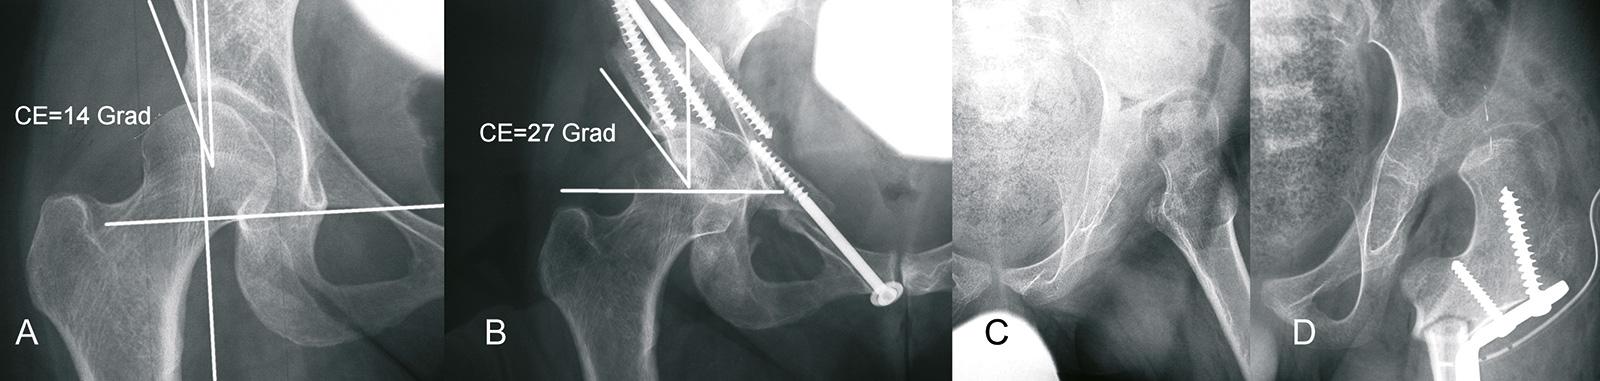 Abb. 4-10: Tönnis-Osteotomie bei einem 17-jährigen Mädchen mit Verbesserung des CE-Winkels von 14 auf 27 Grad (A-B). Schanz-Osteotomie bei einem Kind mit einer spastischen Tetraparese (C-D) (Eigentum des Instituts für Klinische Radiologie der Universität